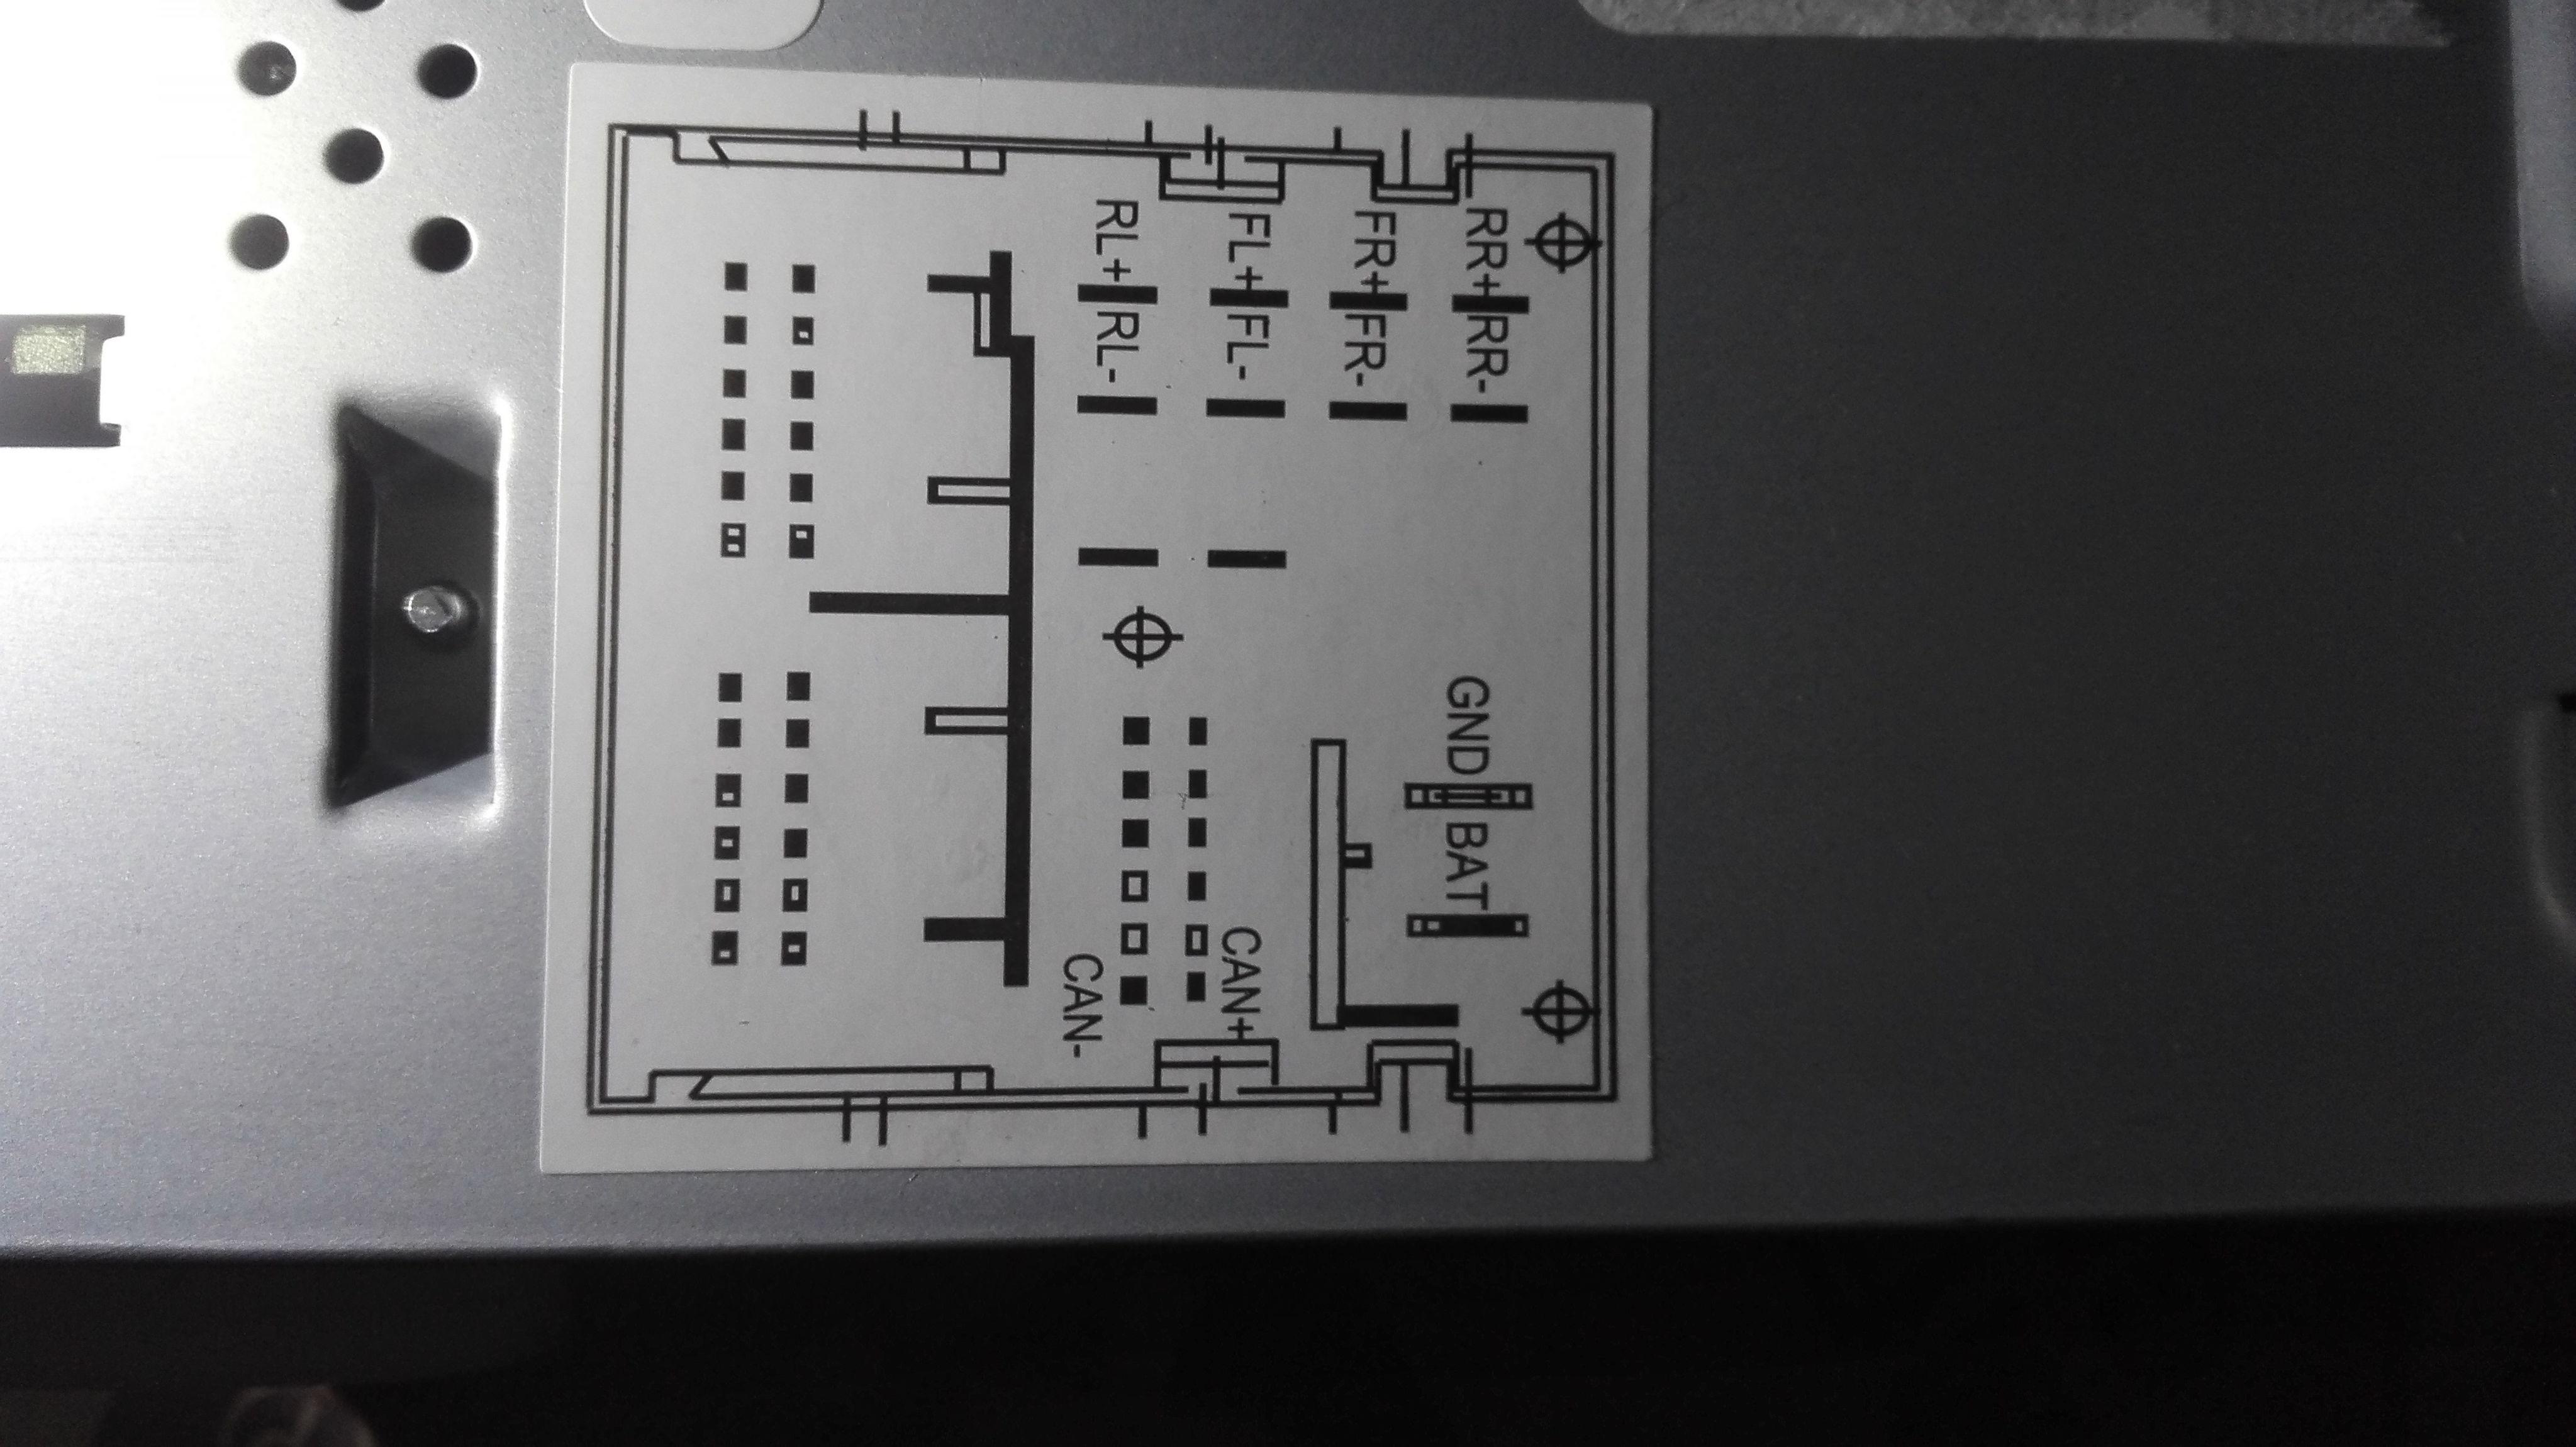 大众车cd尾插接线分别是什么?那个是接小灯?